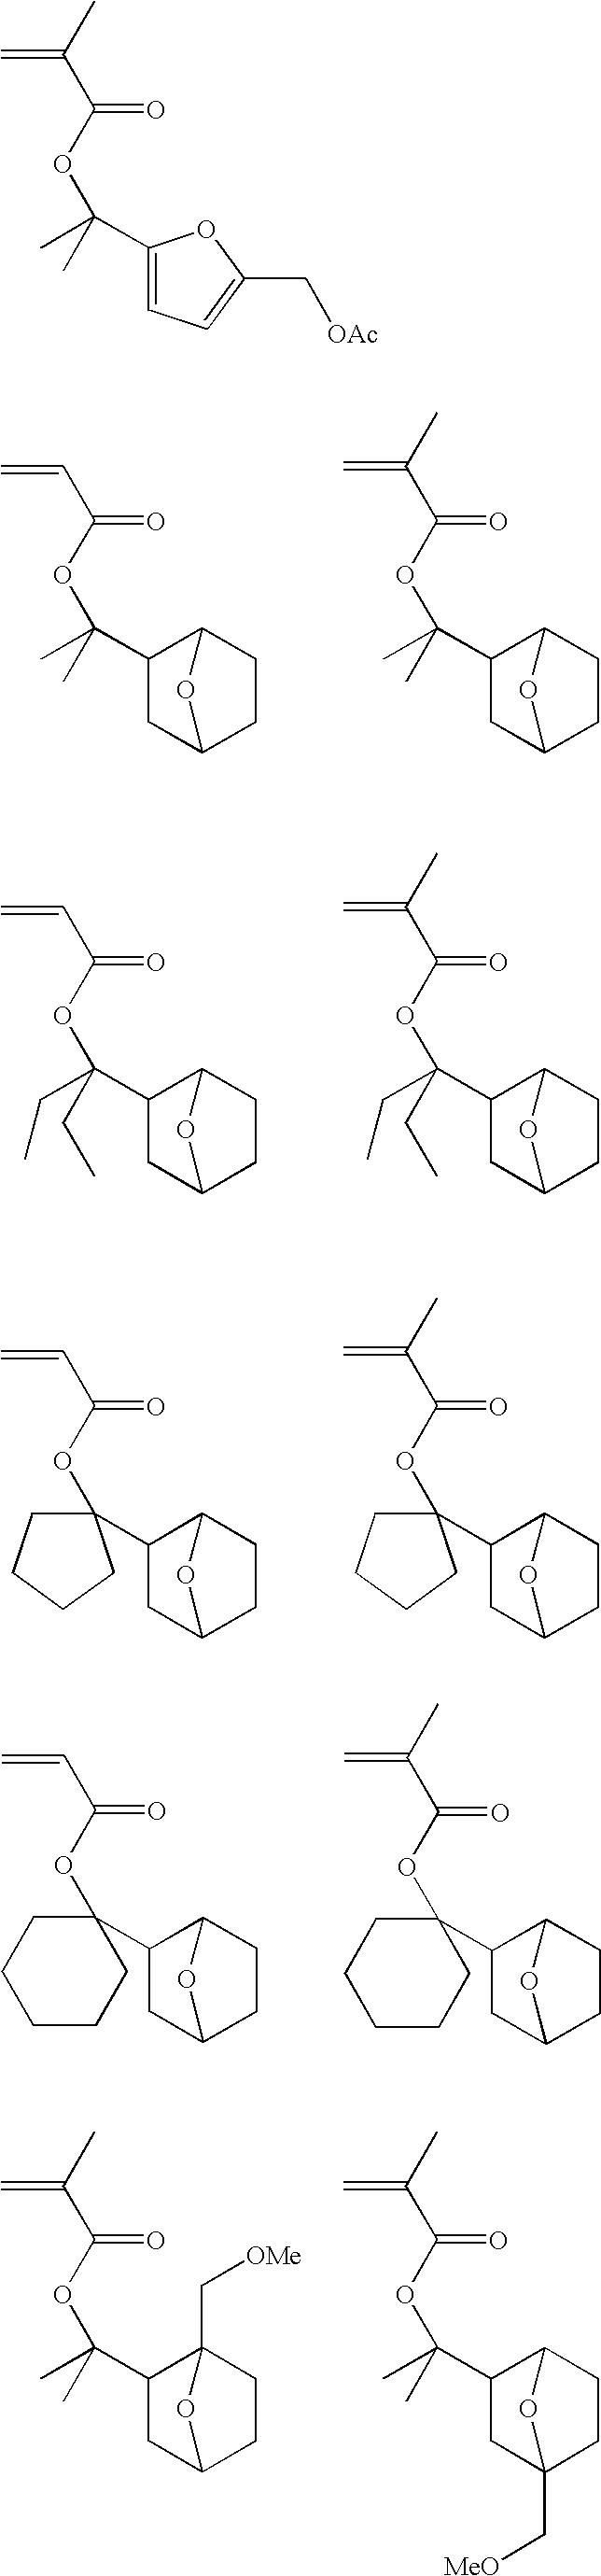 Figure US07368218-20080506-C00029